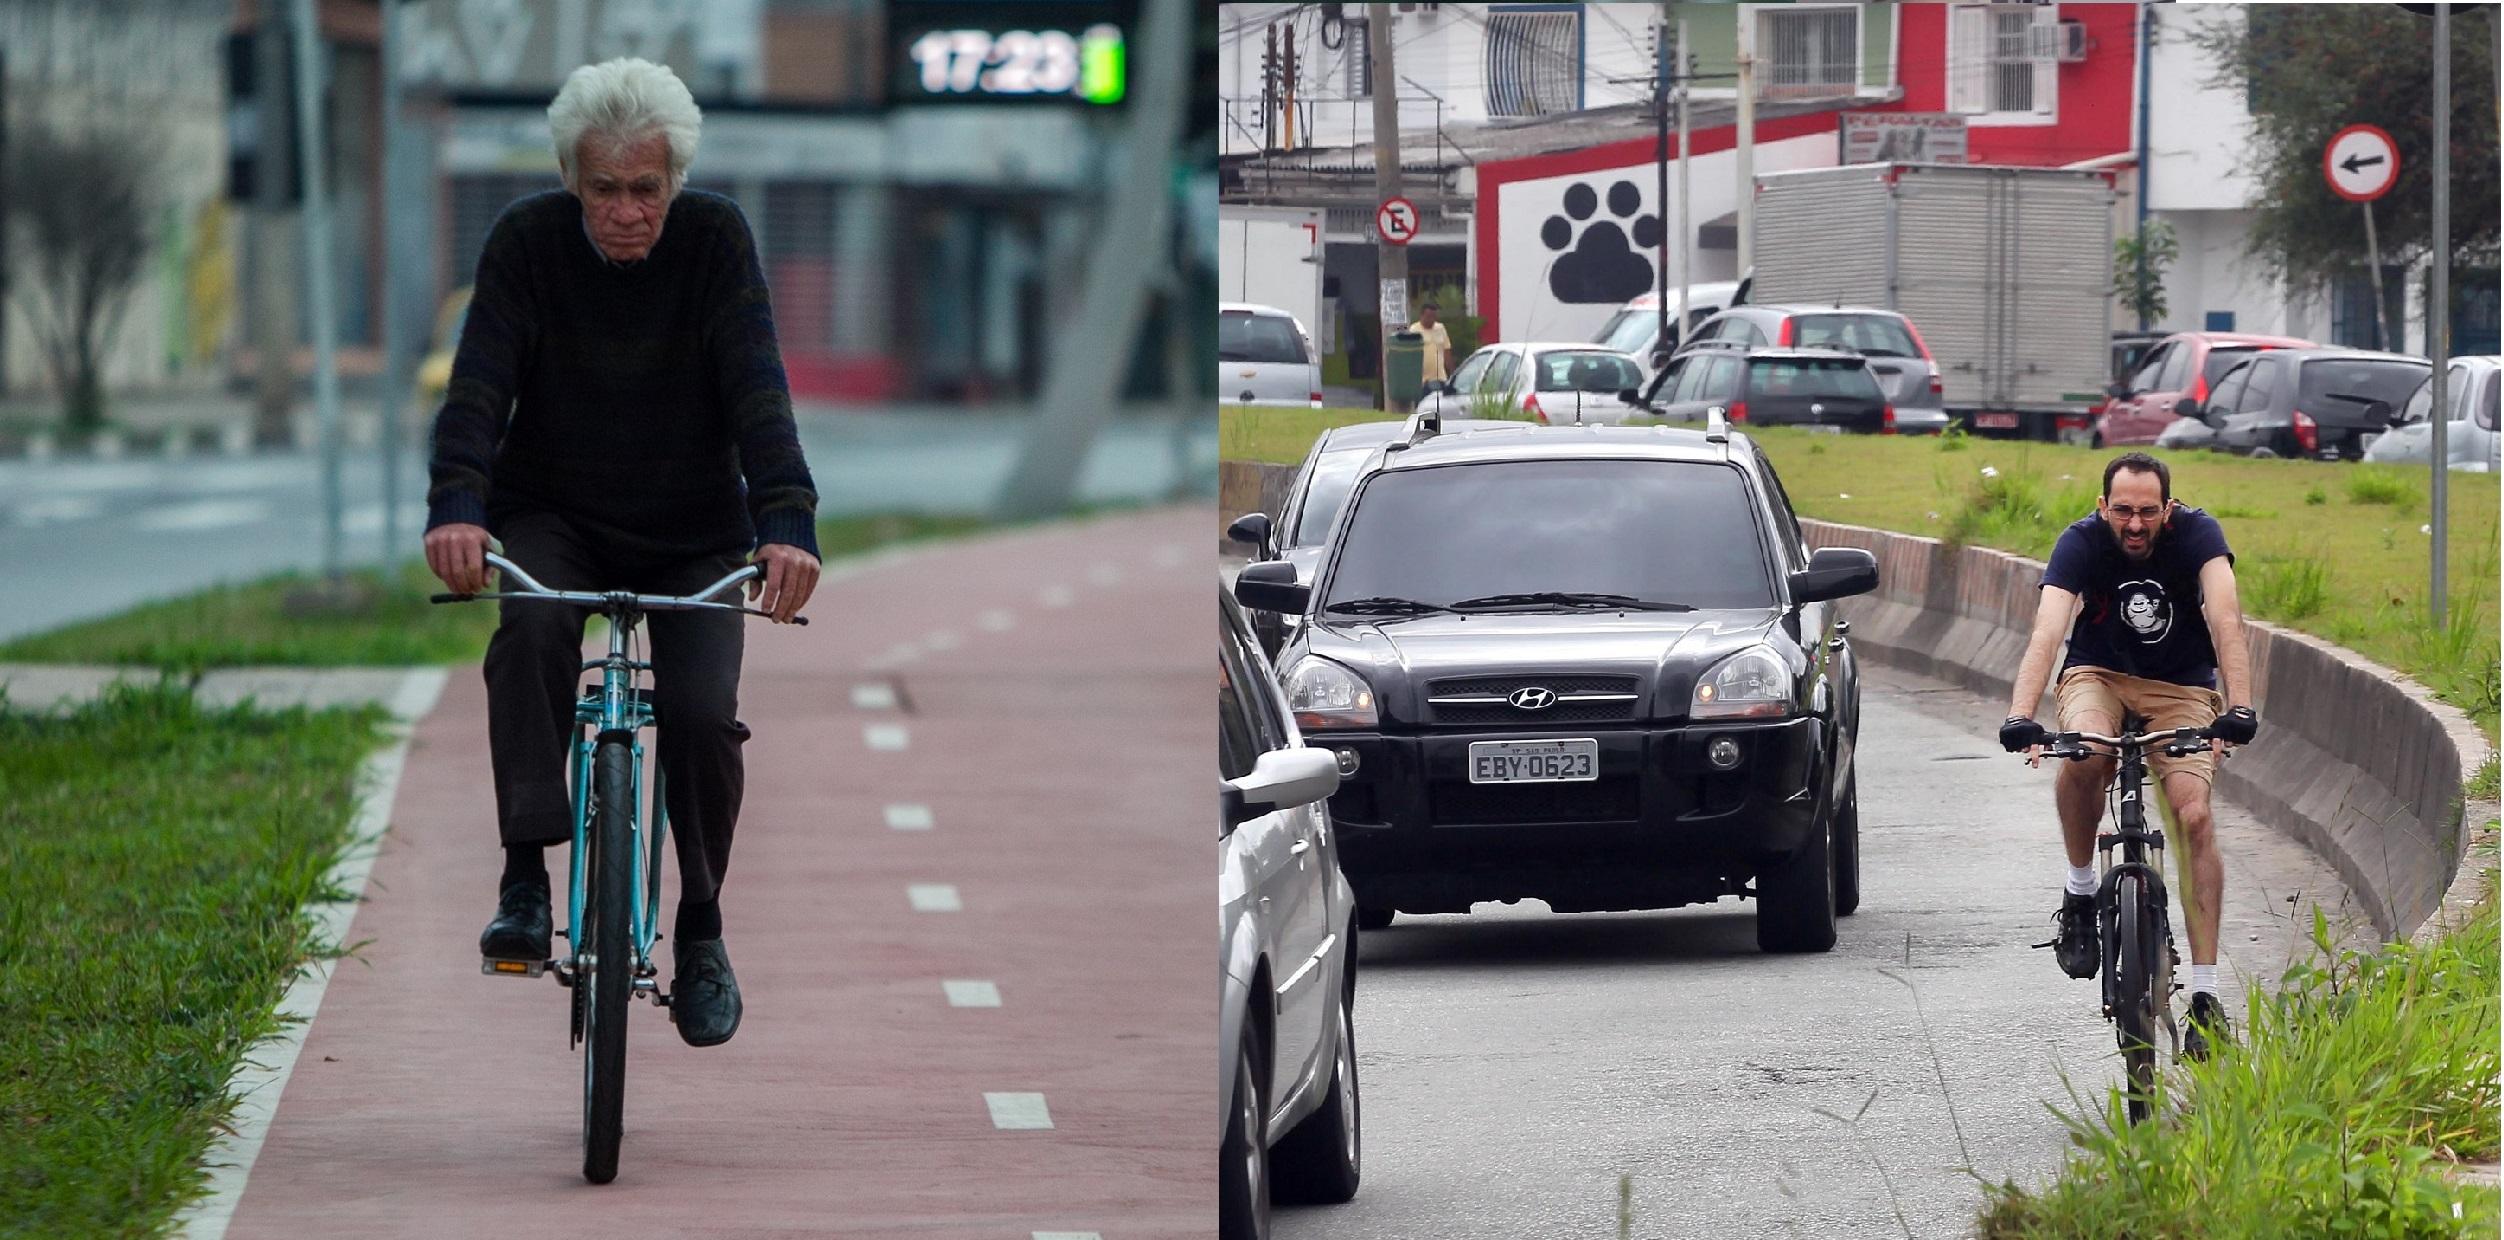 À esq., homem pedala pela ciclovia de canteiro central implantada em 2013 na av. Eliseu de Almeida (foto Bruno Poletti/Folhapress). Antes, ciclistas disputavam espaço com os carros (foto Juca Varella/Folhapress)